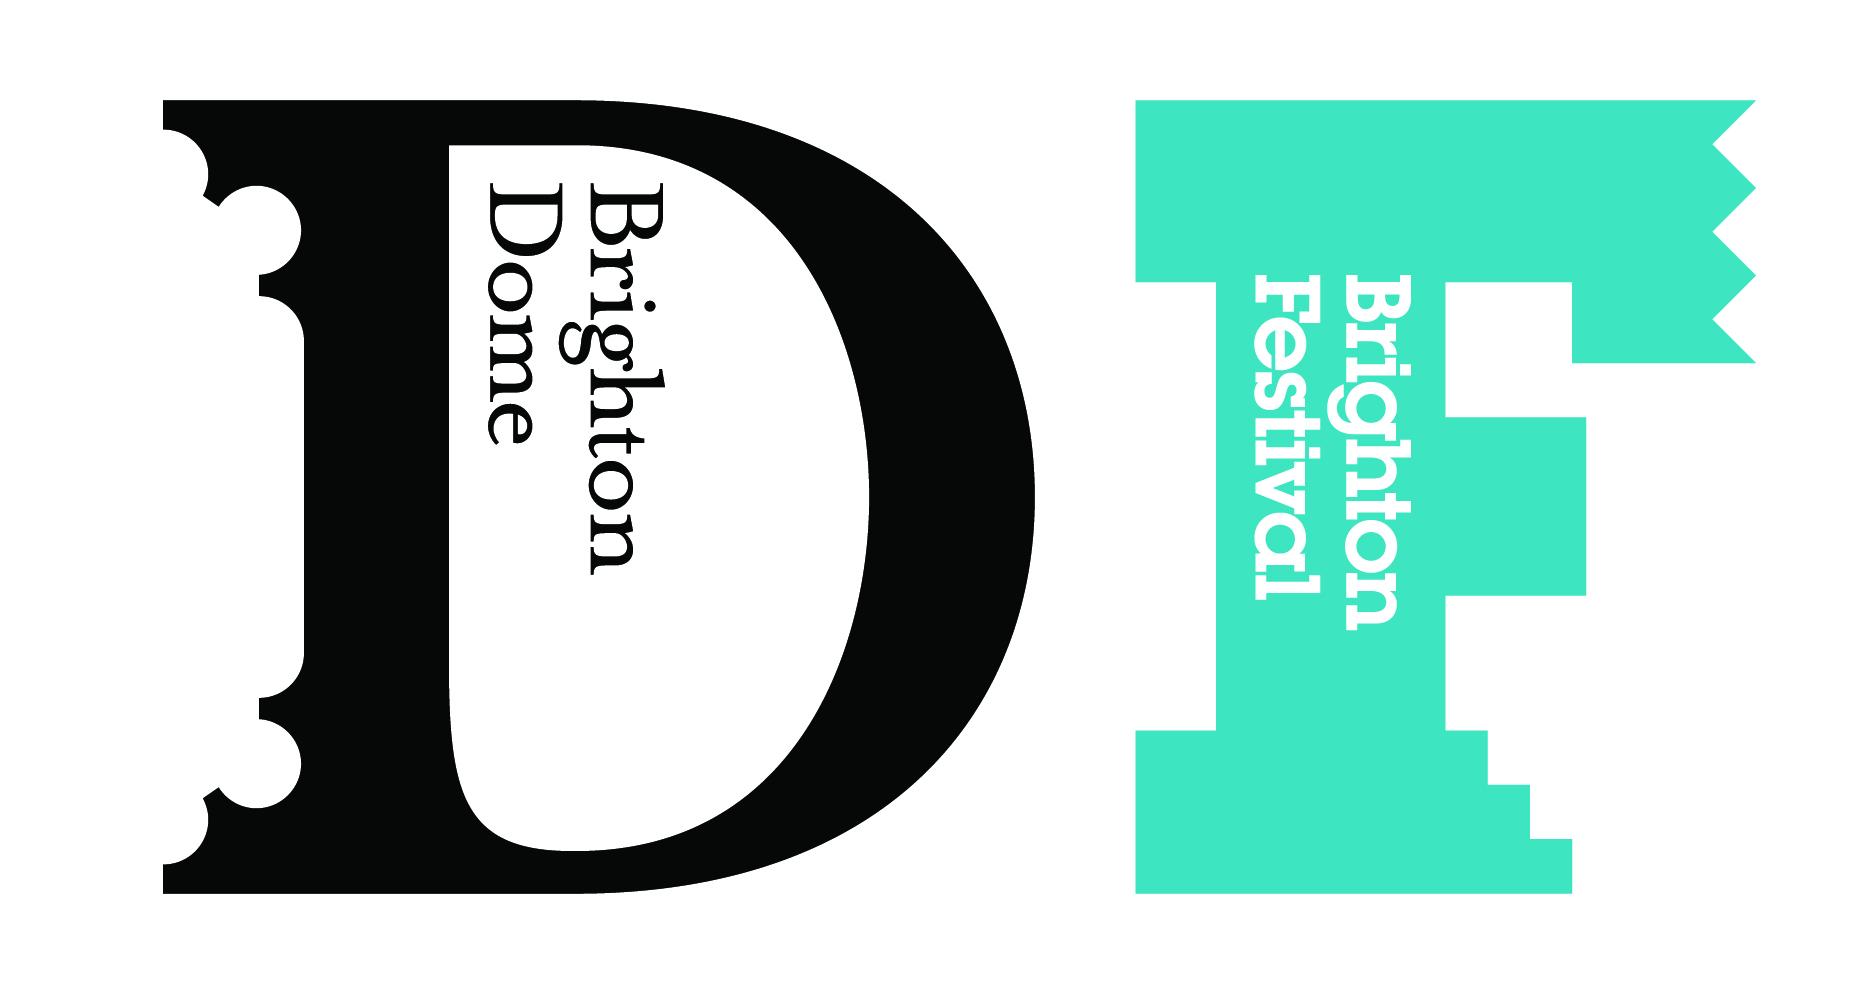 Brighton Dome & Brighton Festival